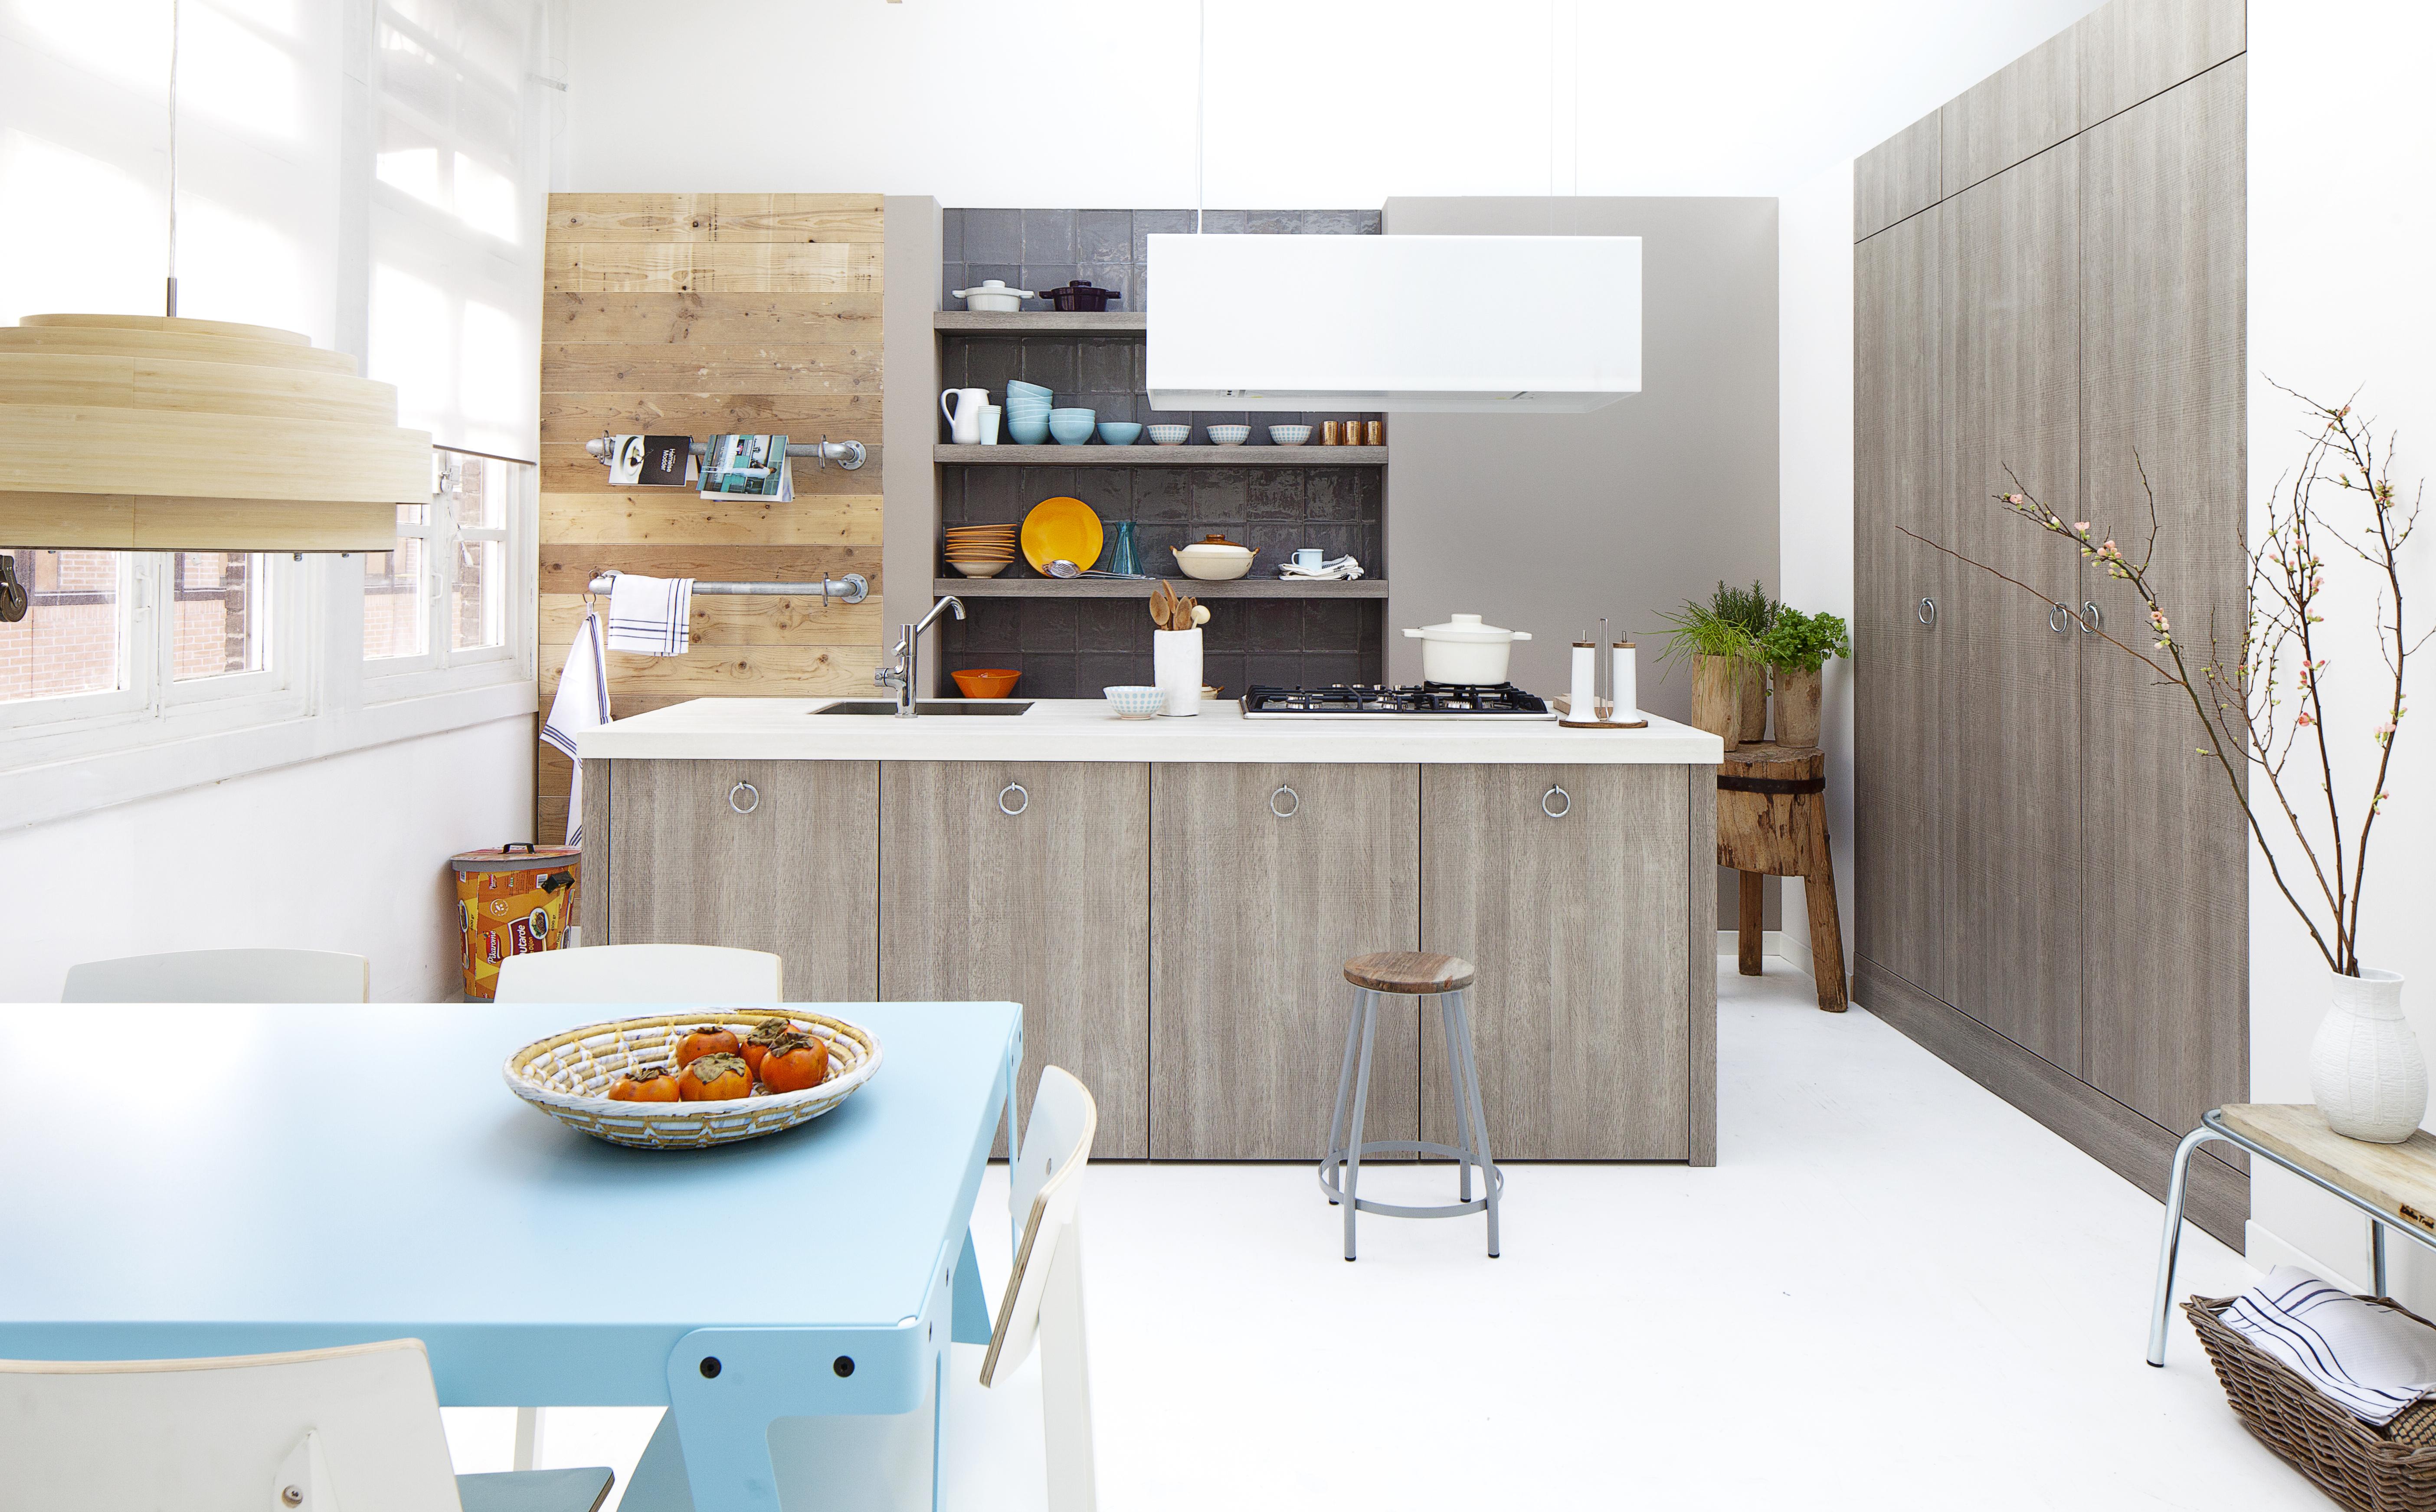 Vtwonen Keuken Tegels : Keuken vtwonen 2012- Grando Keukens & Bad Zaandam